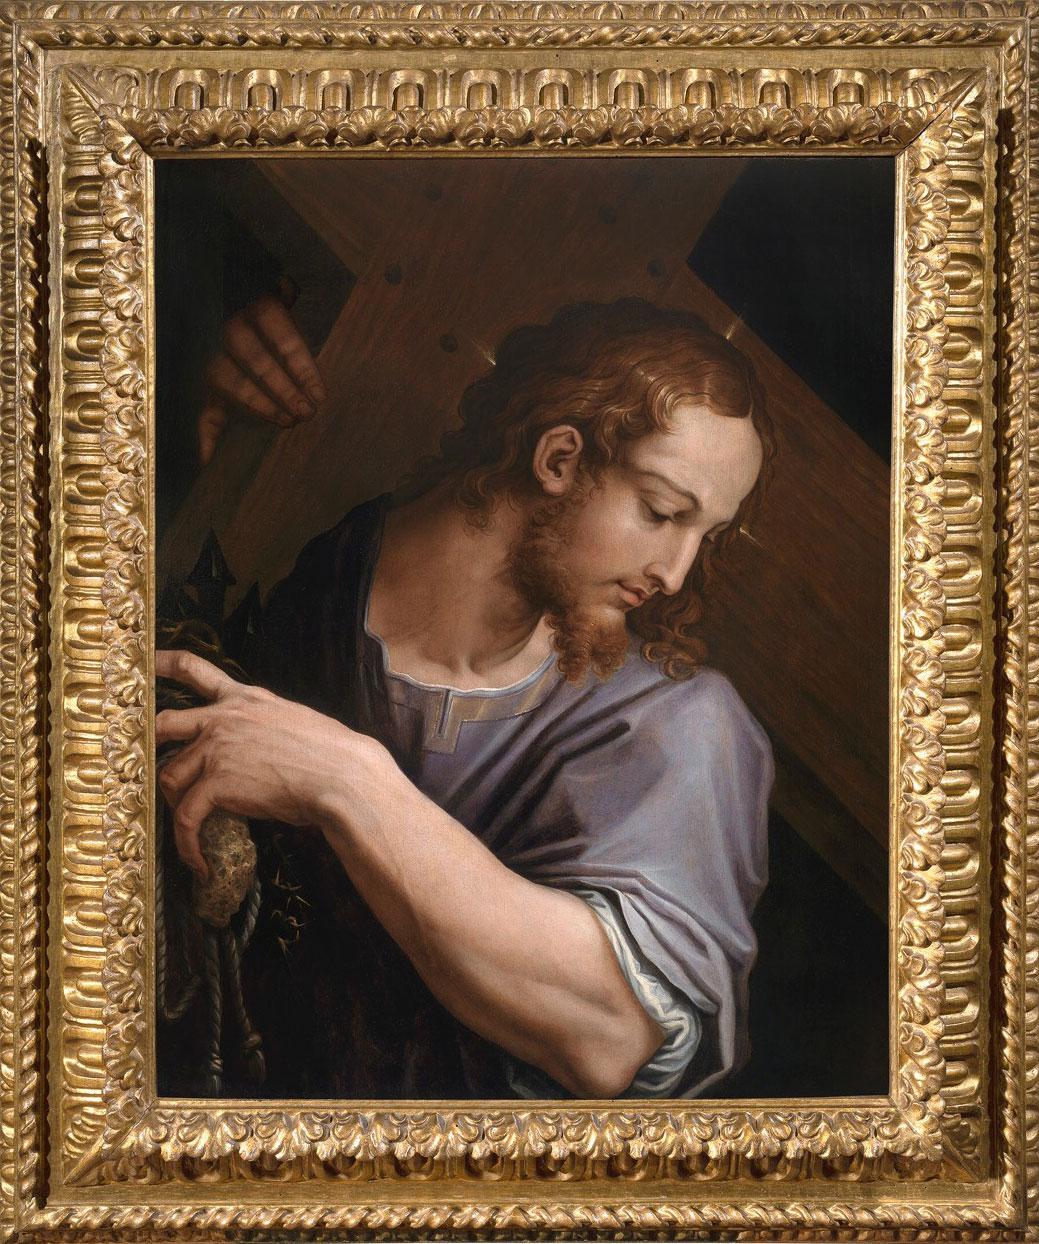 Roma, capolavoro di Giorgio Vasari riscoperto viene mostrato per la prima volta al pubblico